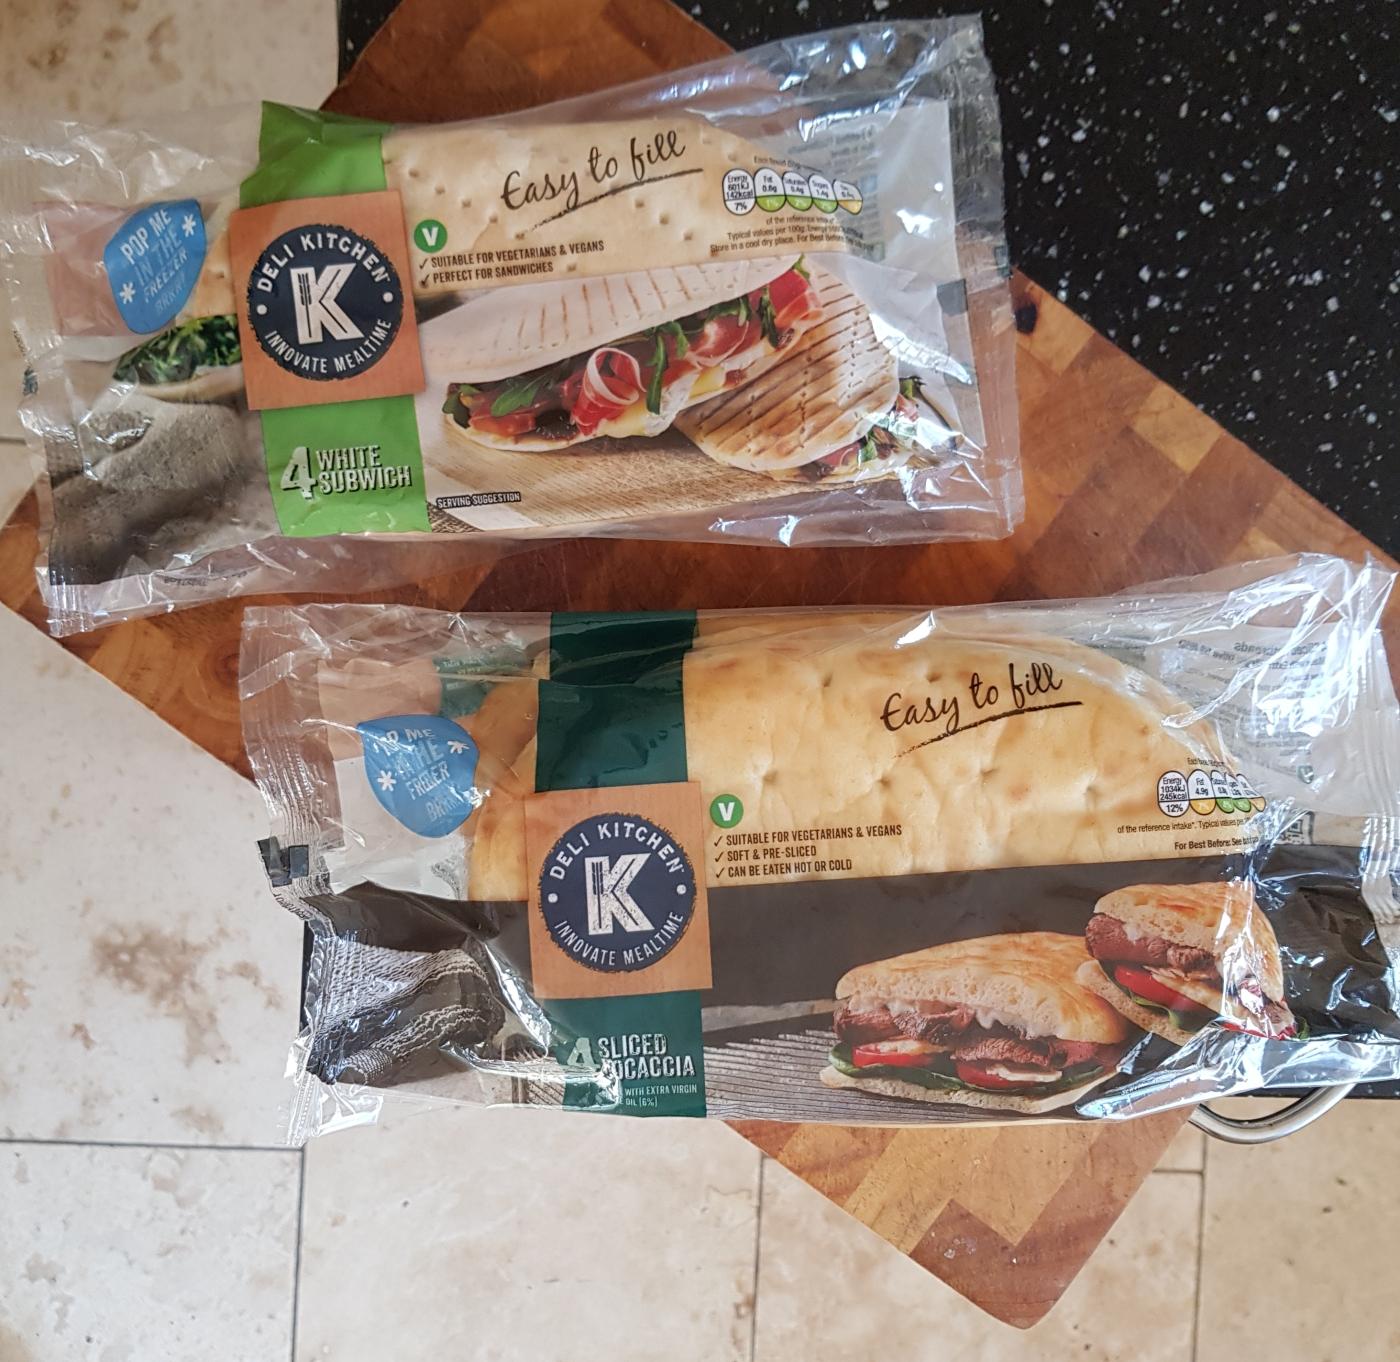 deli kitchen white subwich and focaccia flat bread